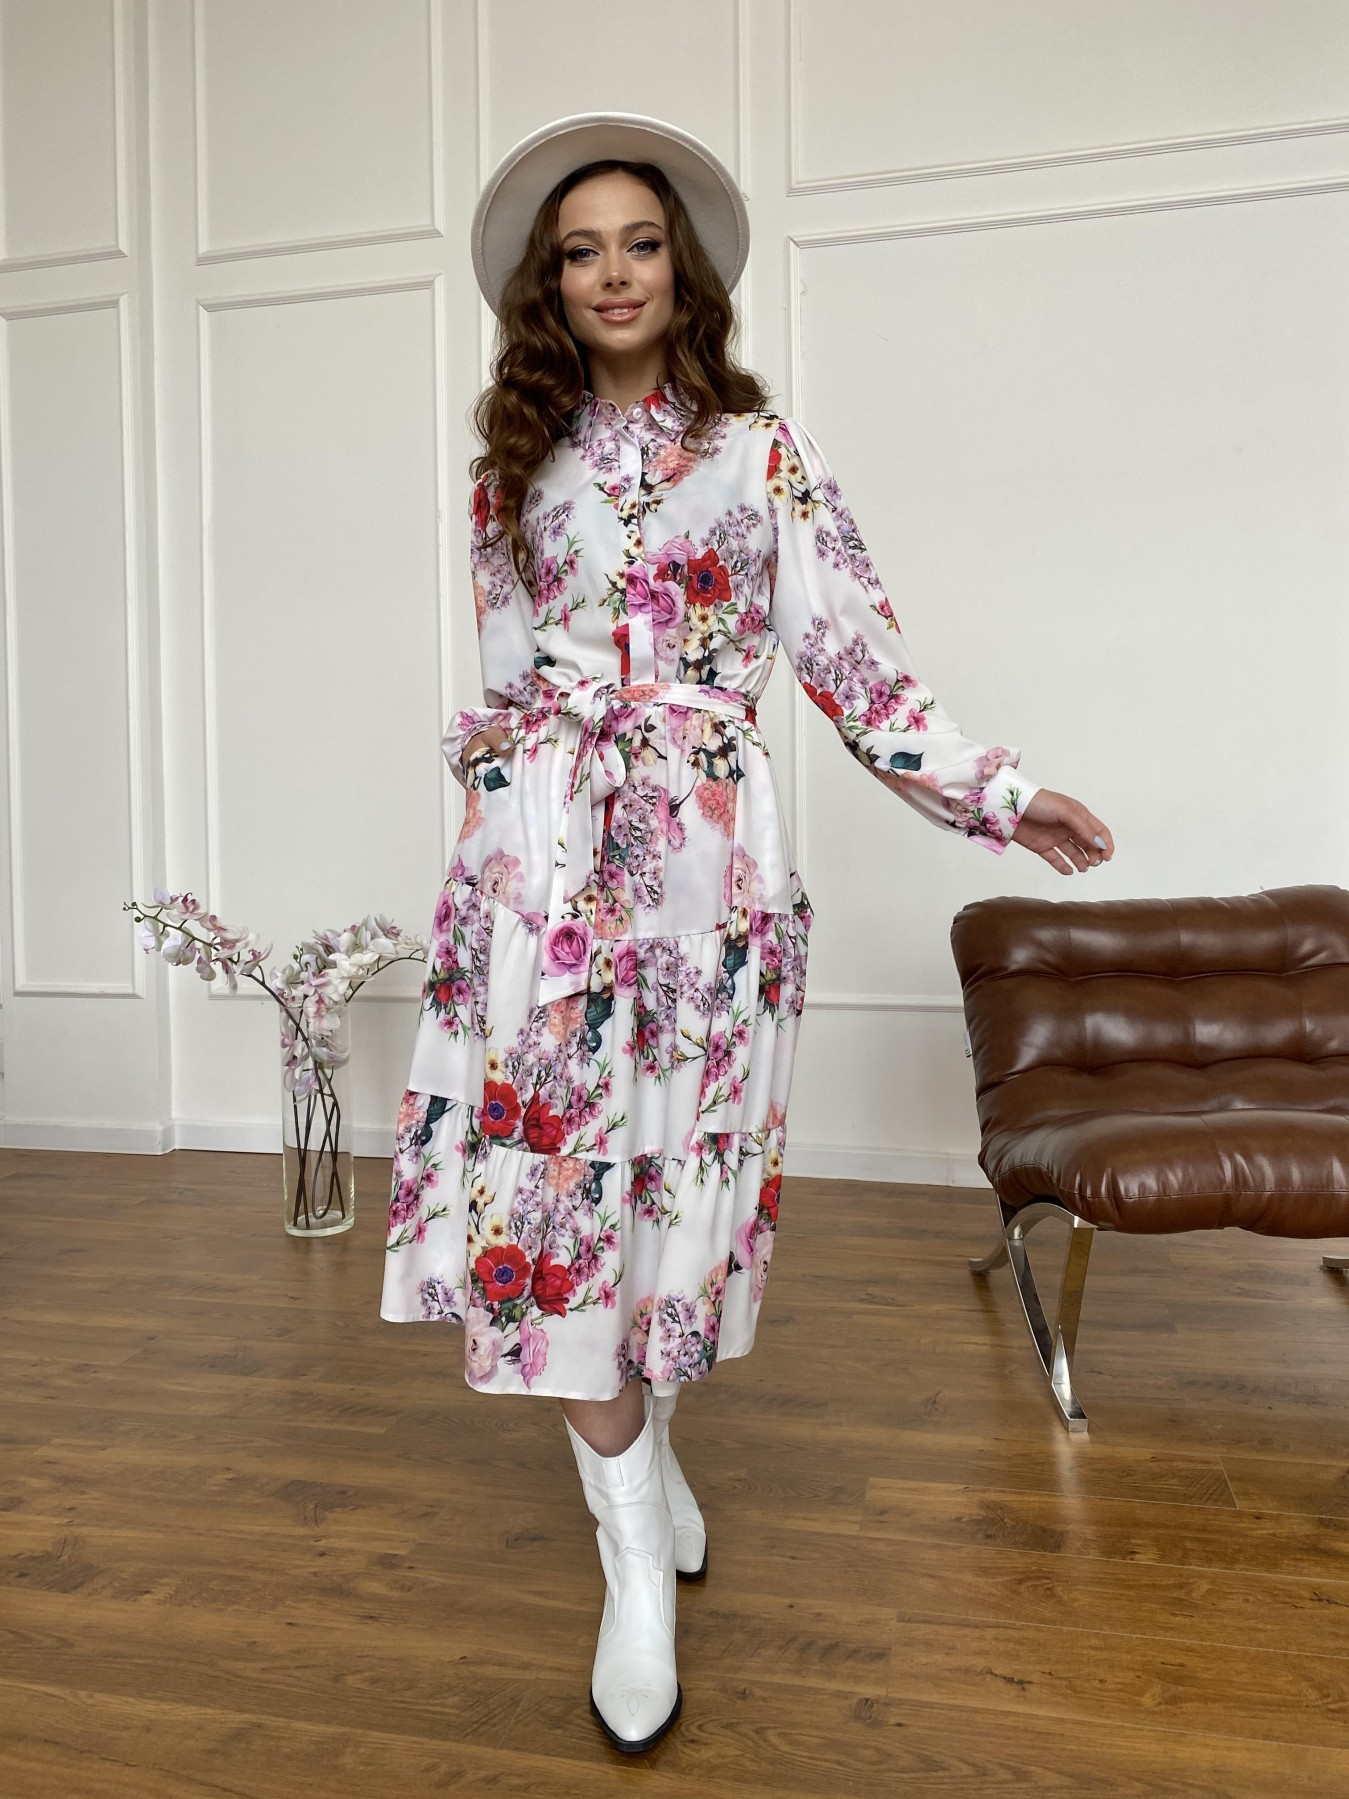 Лилия платье  софт принт бистрейч 11171 АРТ. 47709 Цвет: ВесенБукетМол/Роз/Крас - фото 11, интернет магазин tm-modus.ru